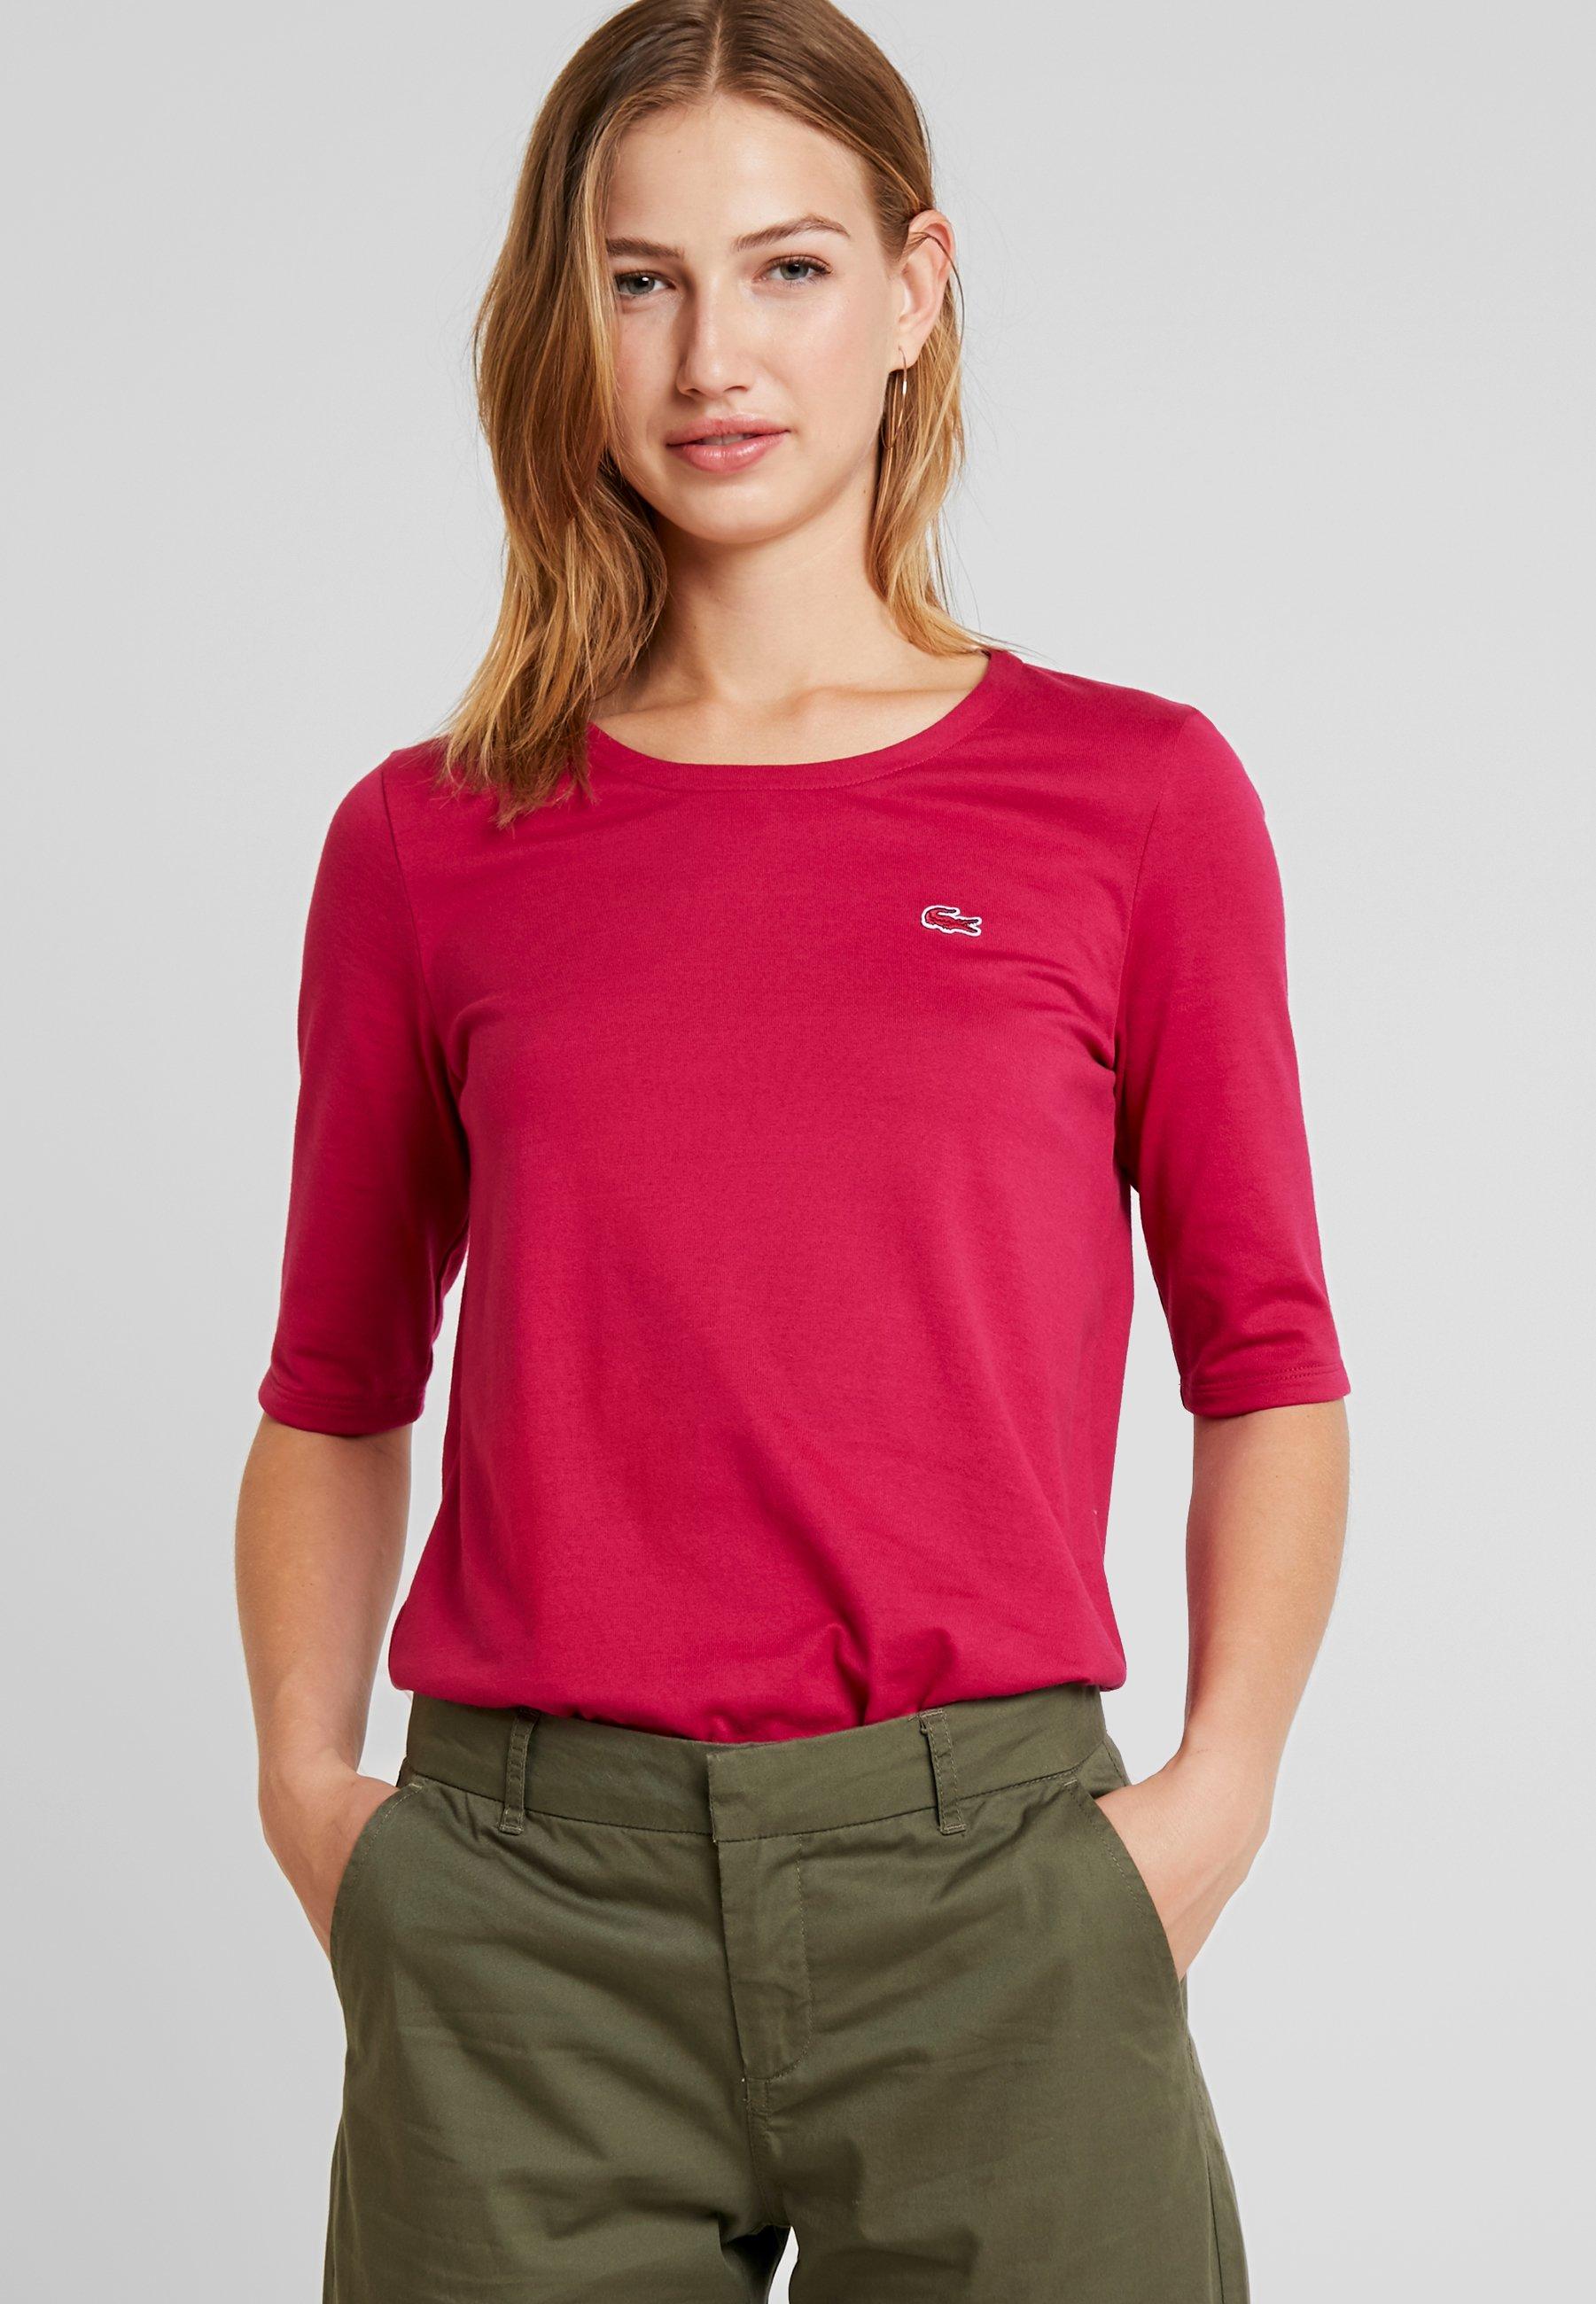 Lacoste shirt BasiqueFairground Lacoste shirt Lacoste Pink T T T BasiqueFairground BasiqueFairground shirt Pink L54R3Ajq